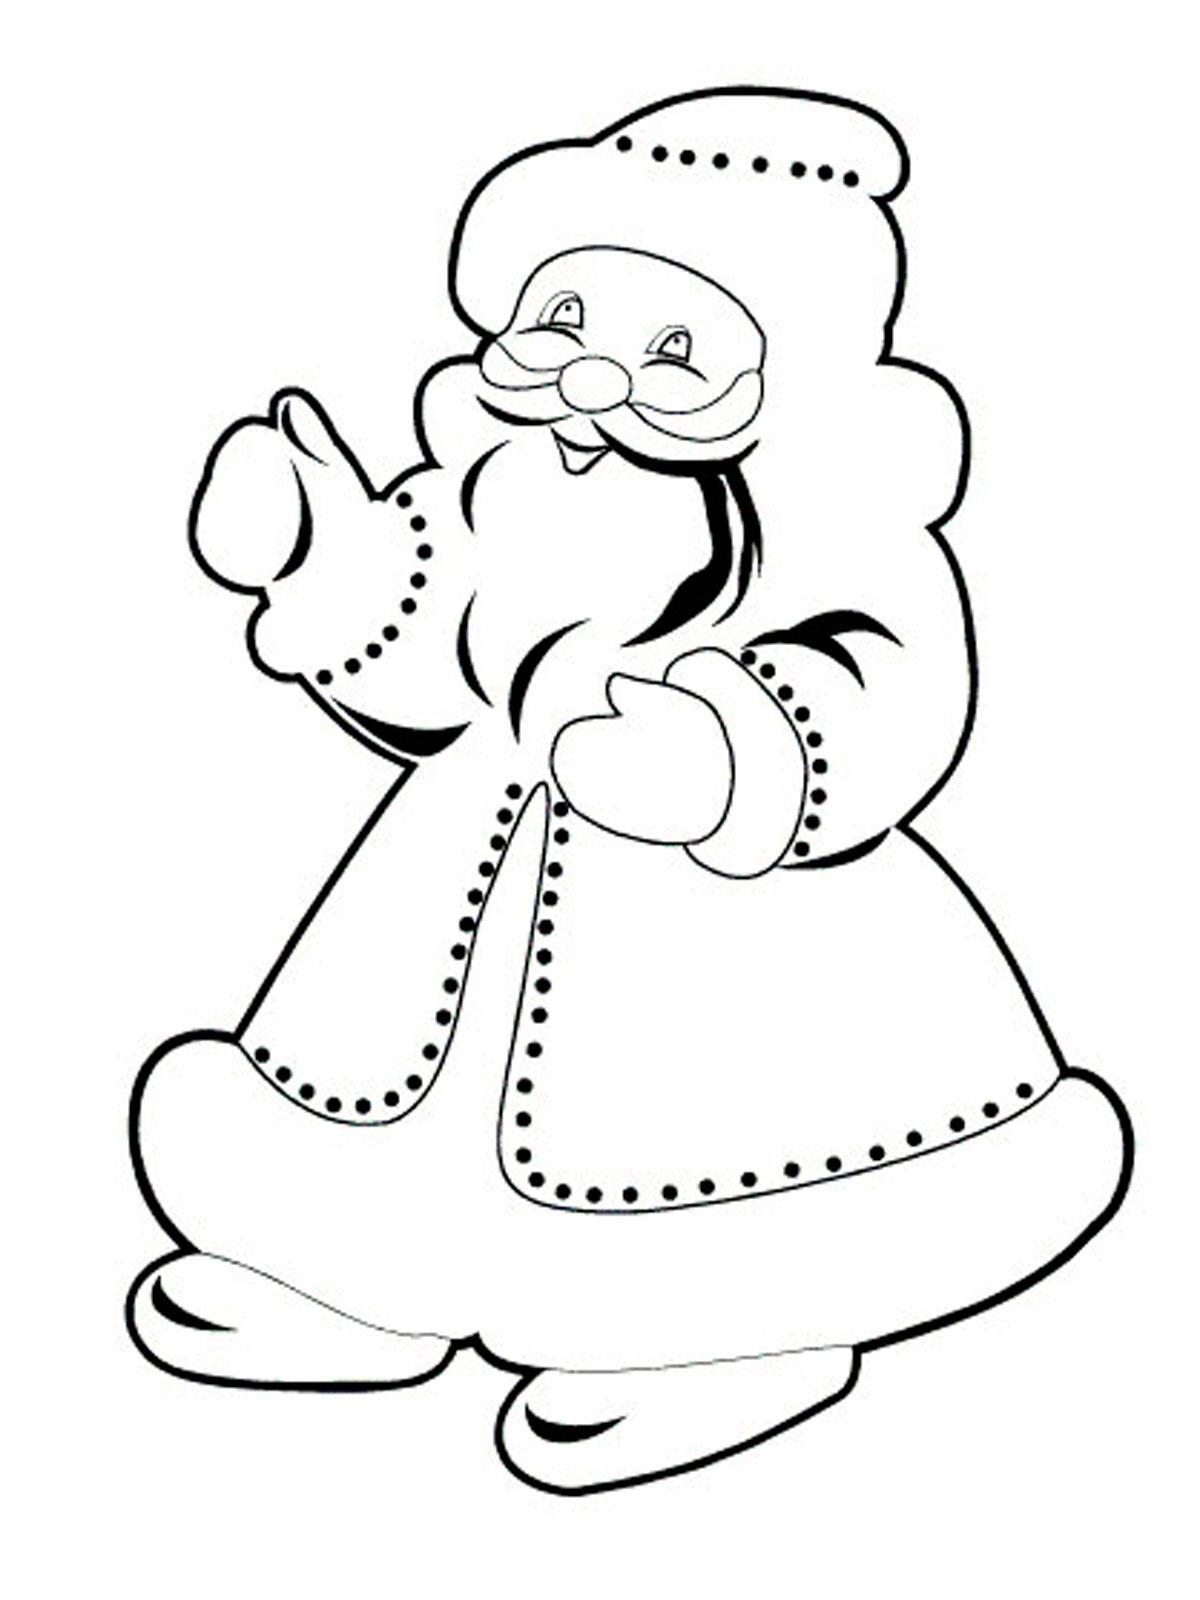 Раскраска Дед Мороз и Снегурочка. Скачать. Распечатать